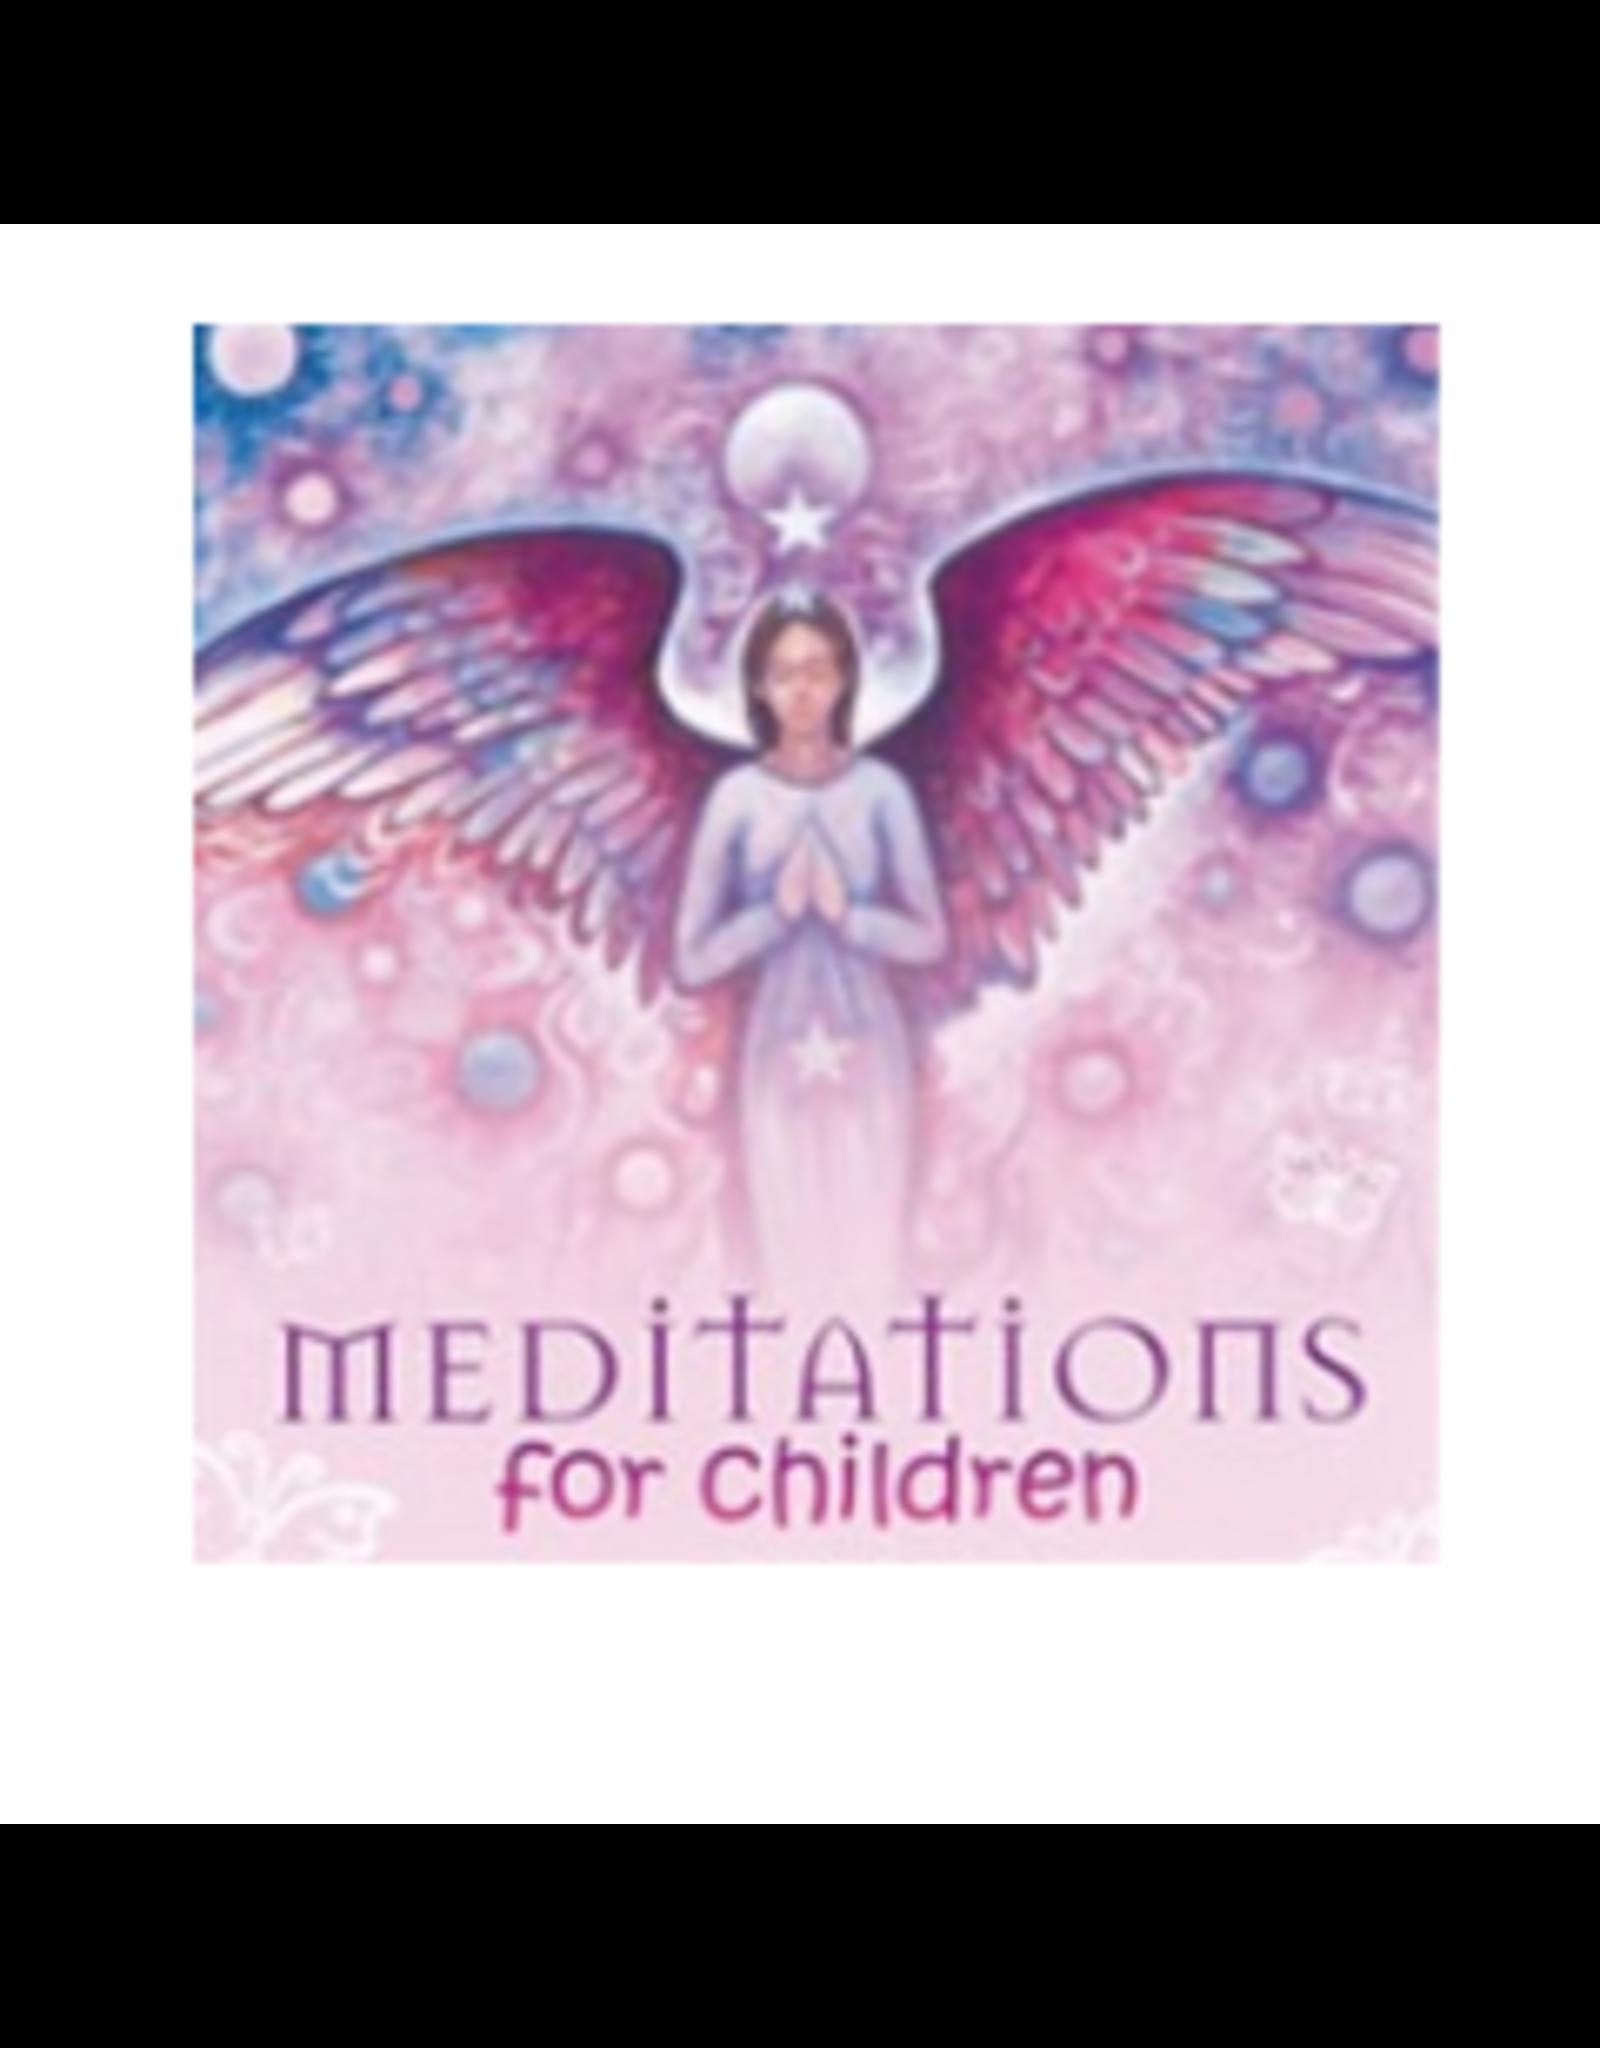 Blue Angel Meditations For Children CD - Elizabeth Beyer and Toni Carmine Salerno